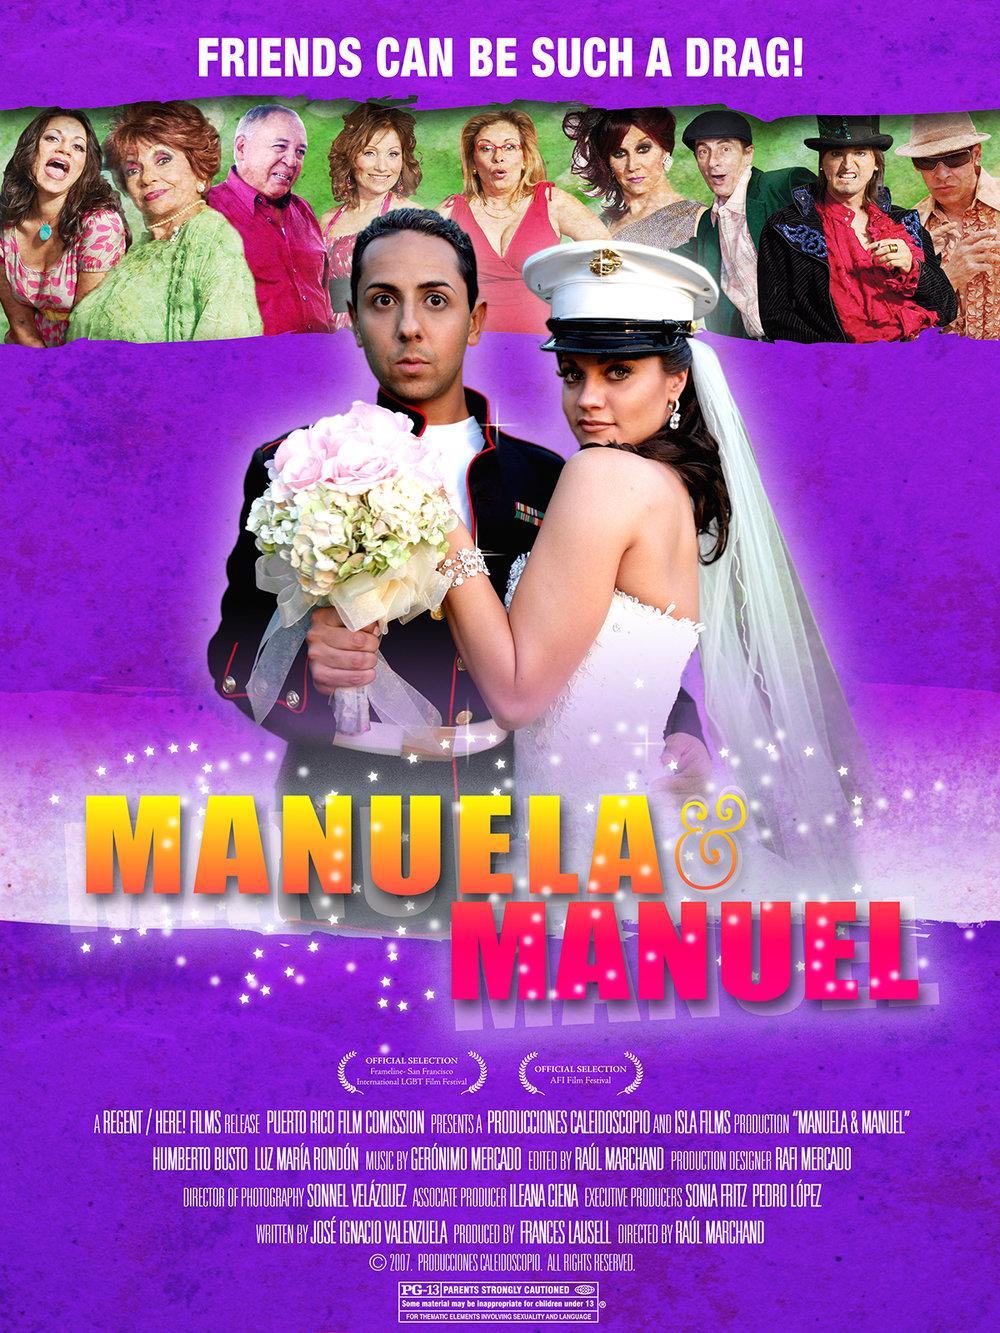 Here-ManuelaAndManuel-Full-Image-en-US.jpg